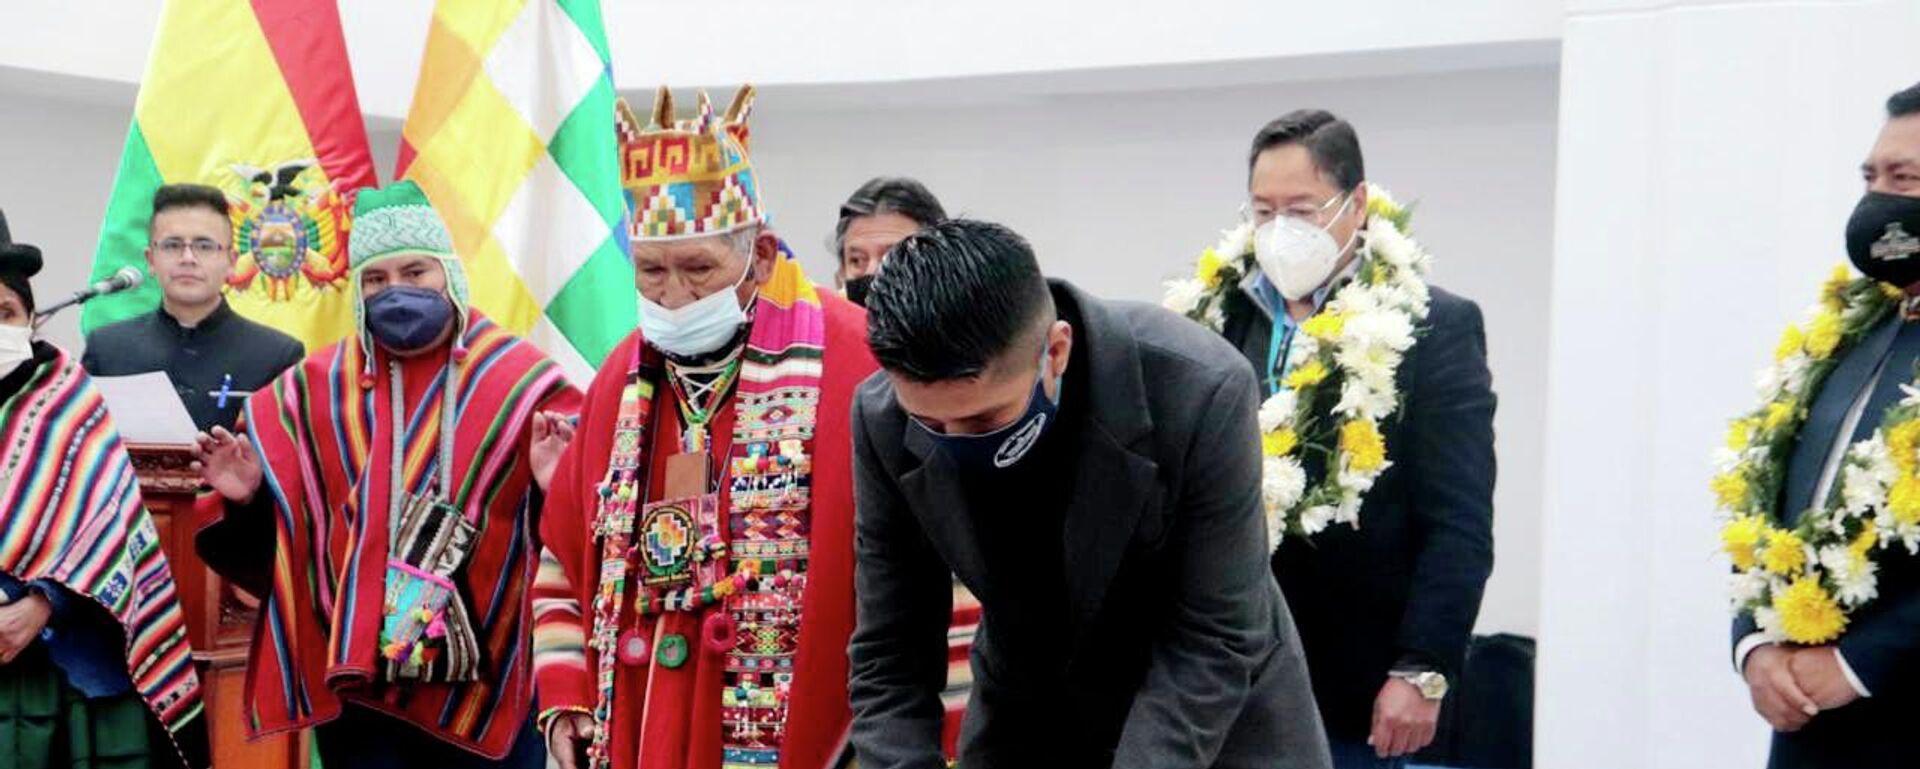 Inauguración de la nueva sede legislativa en Bolivia - Sputnik Mundo, 1920, 02.08.2021